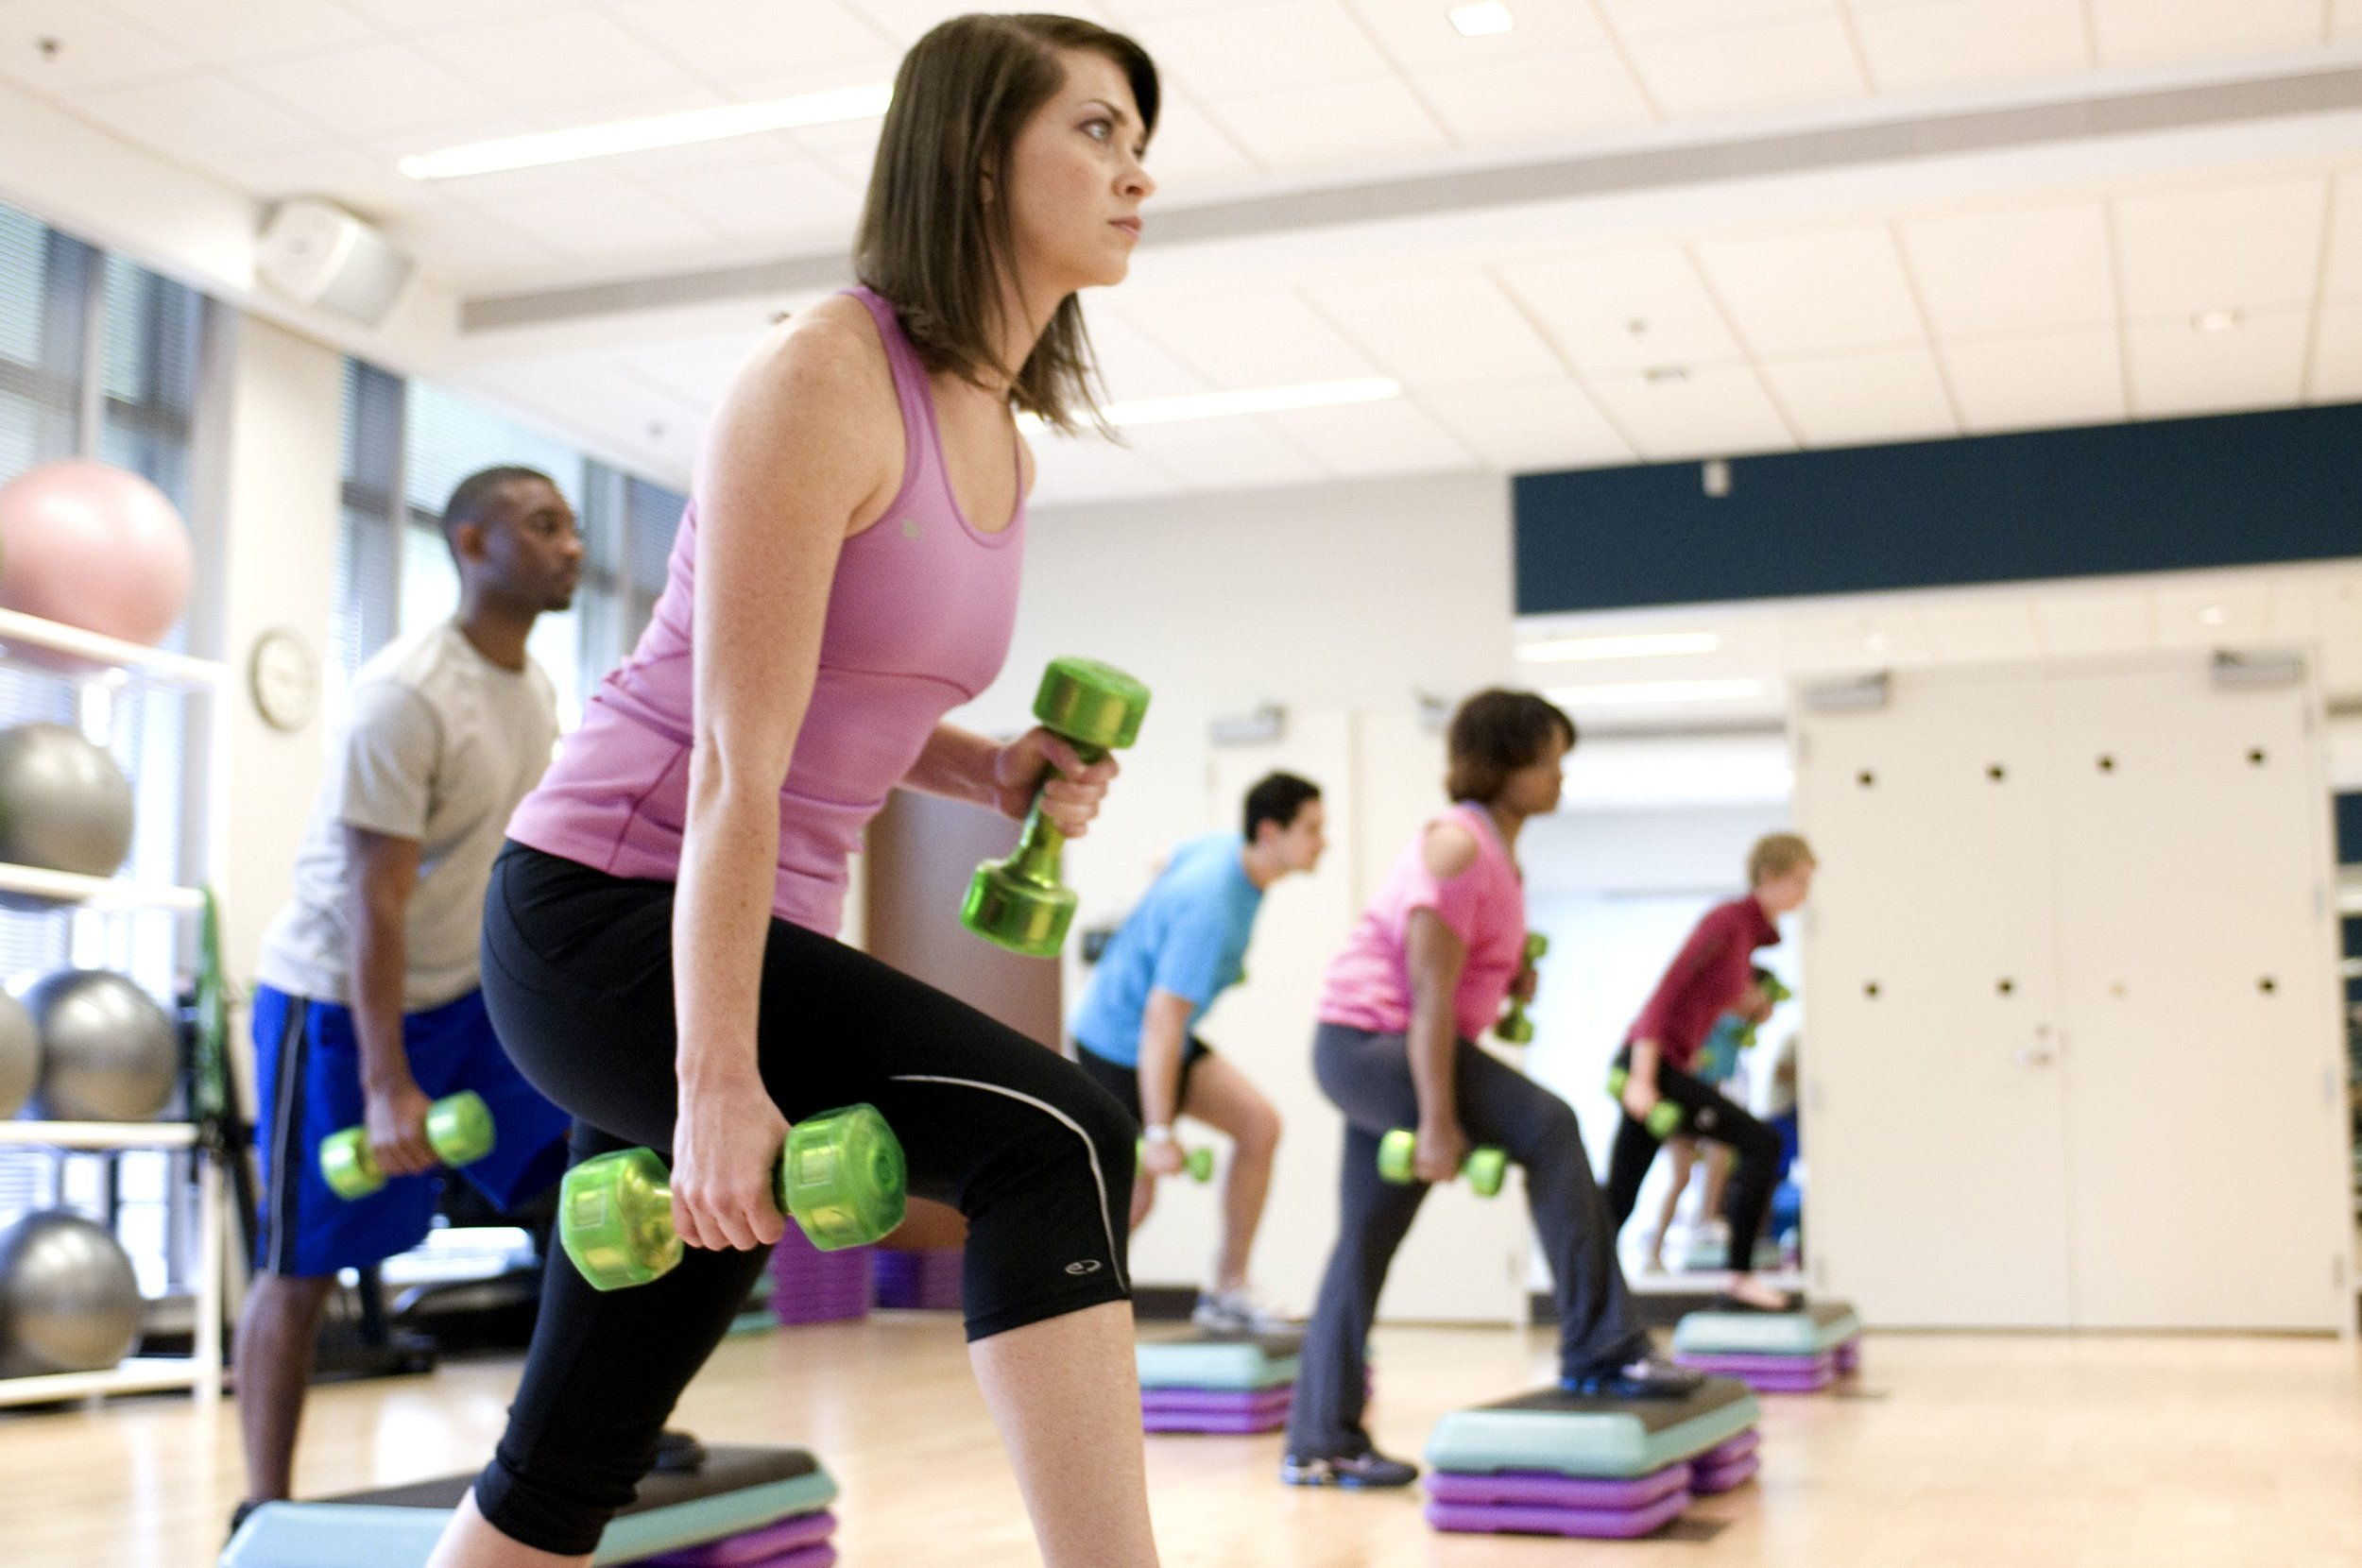 pilates-exercise.jpg